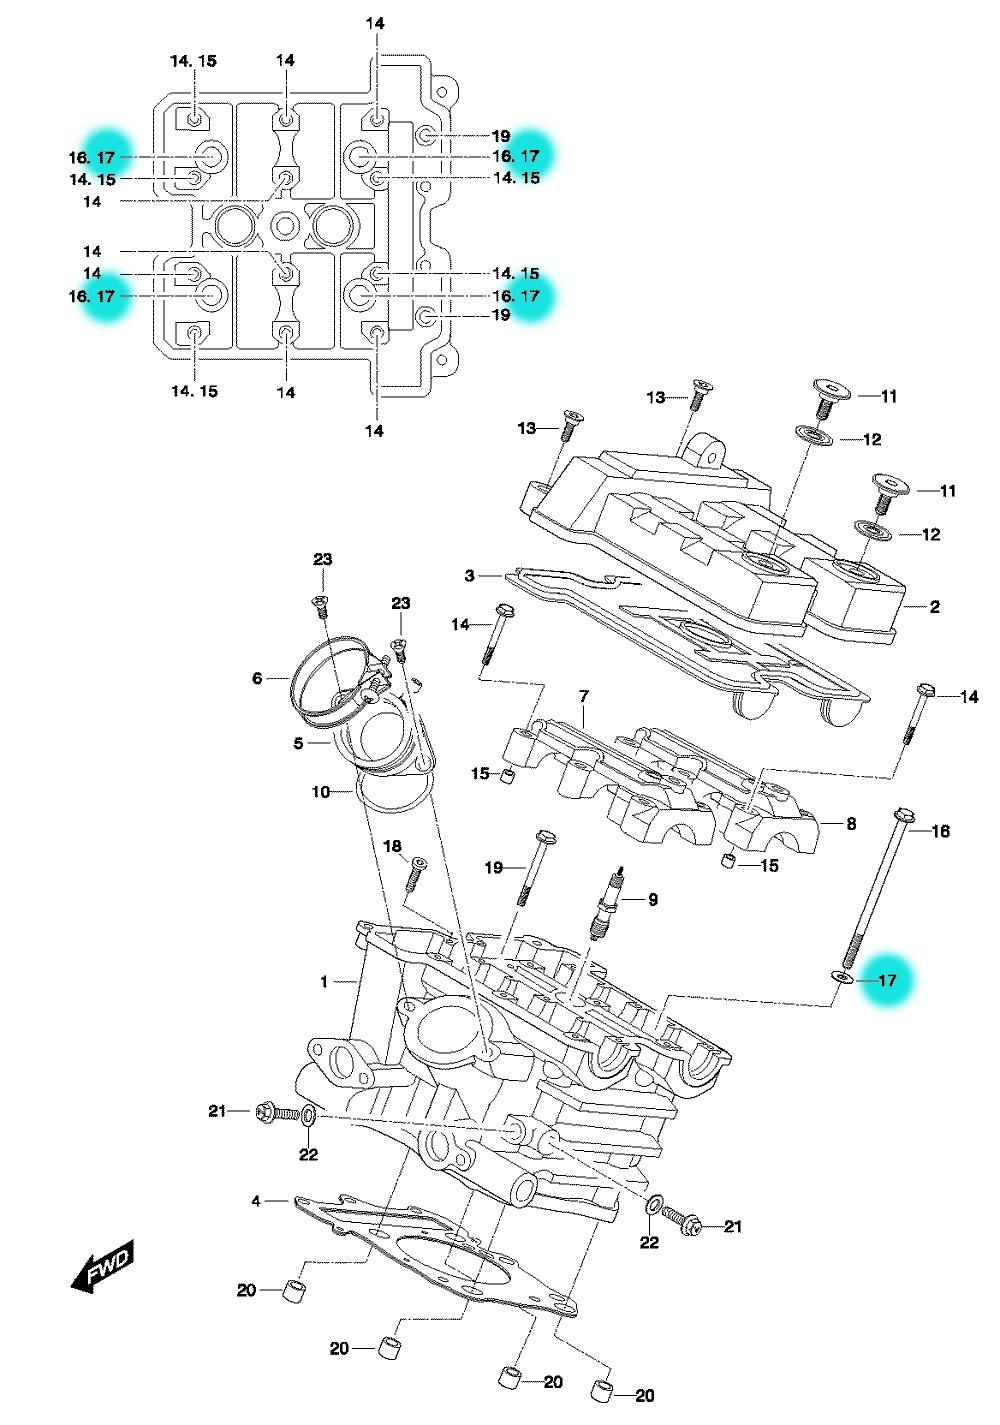 [17] Podložka (hlava zadního válce) - Hyosung GT 650 N